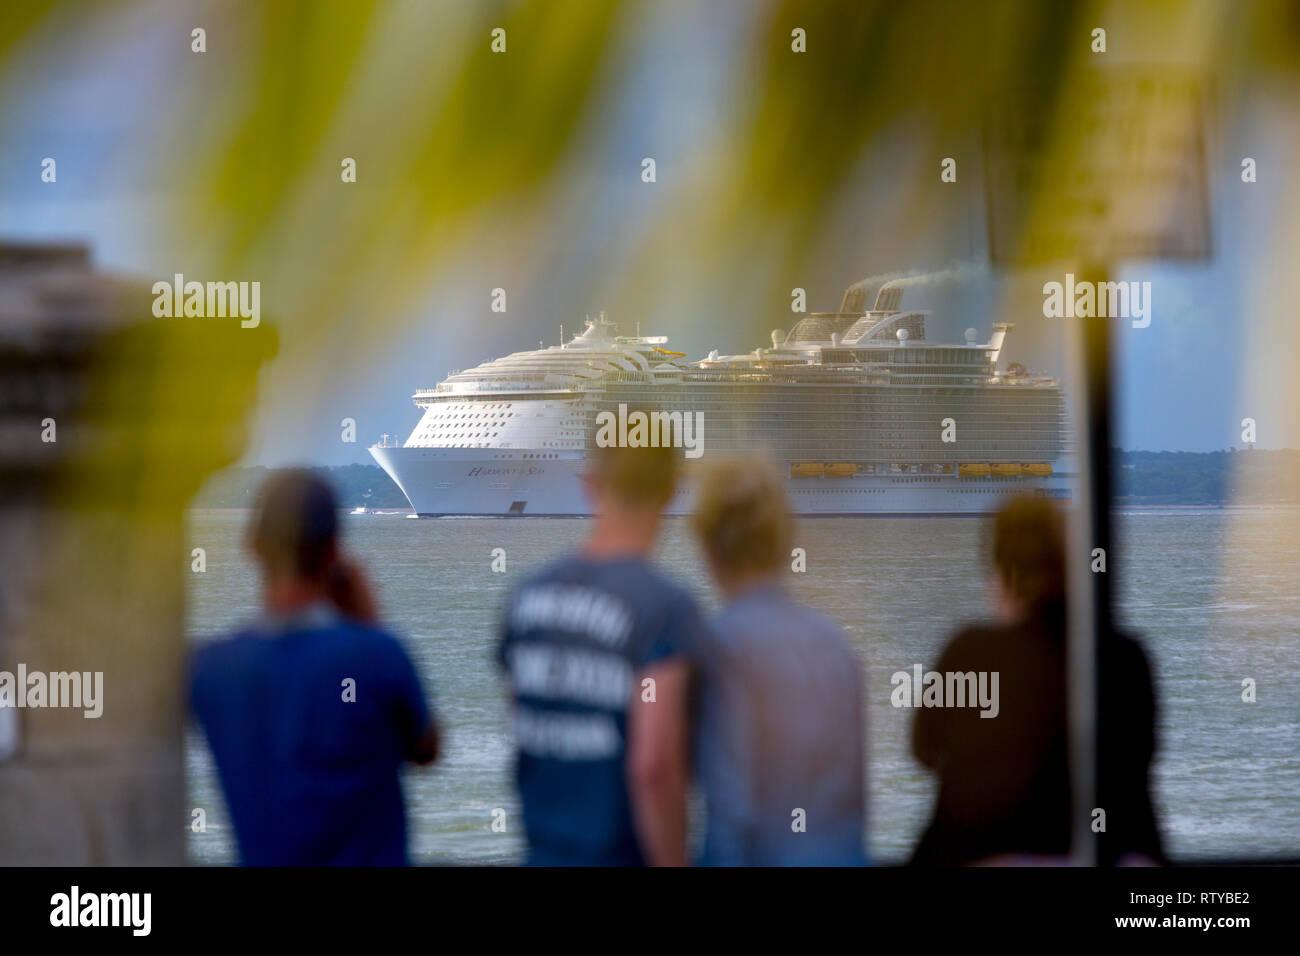 Il lusso,viaggi, lussuoso, Wedding, luna di miele, suite, cabine e armonia del mare,cruise,liner,lasciando,Southampton,passando,Cowes,Isle of Wight England Regno Unito Immagini Stock